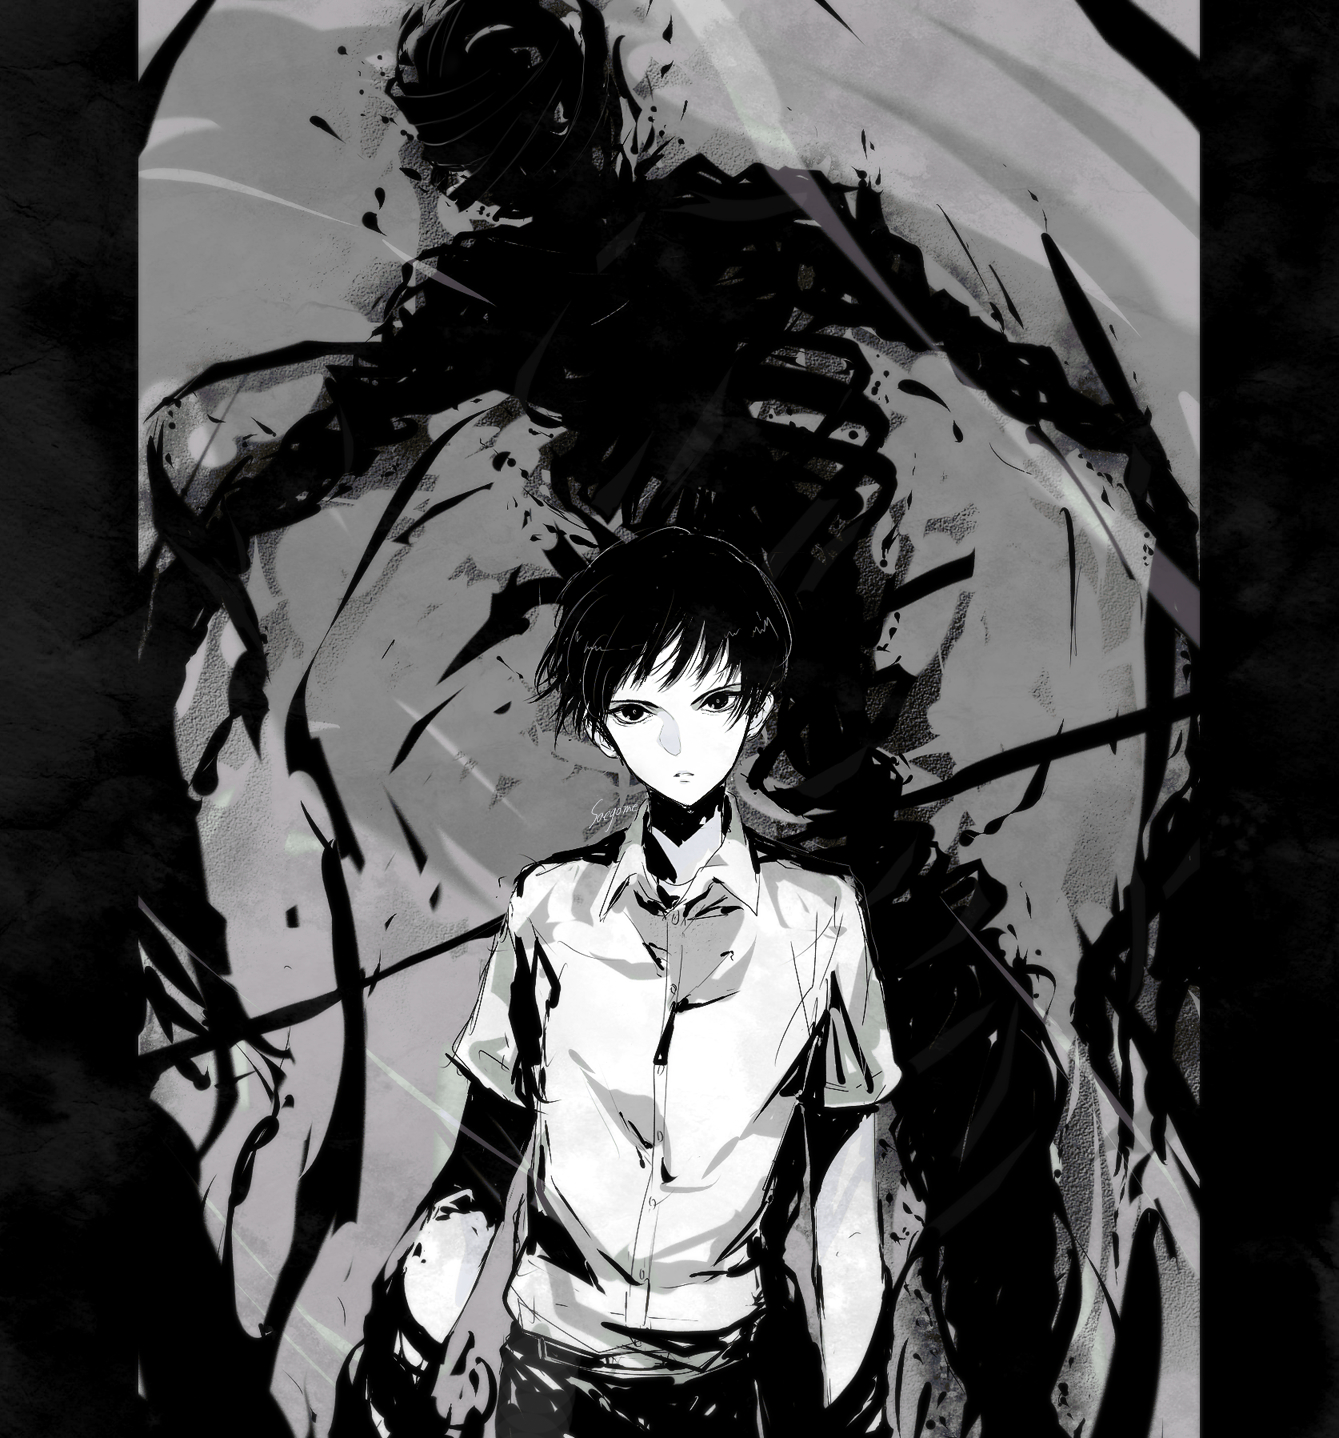 Ajin fanart zerochan anime image board - Fanart anime wallpaper ...